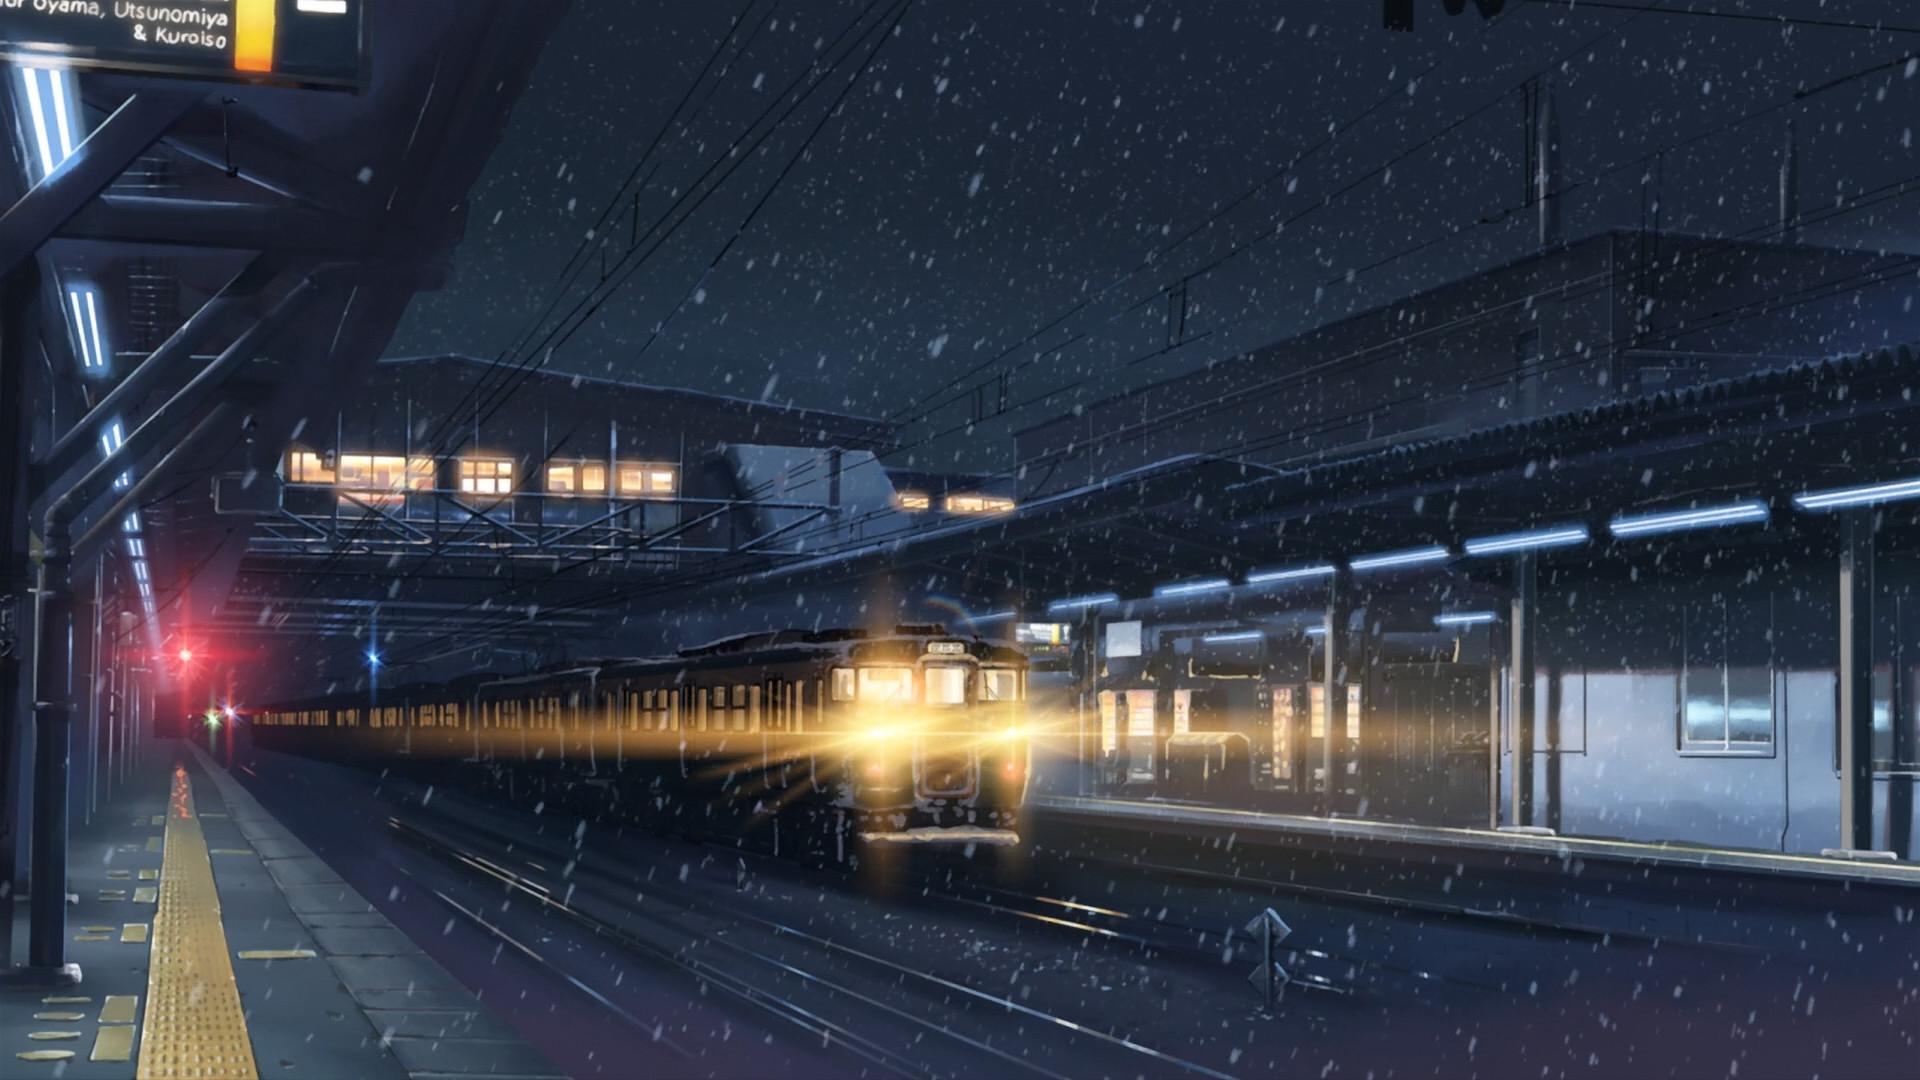 Makoto Shinkai Wallpapers